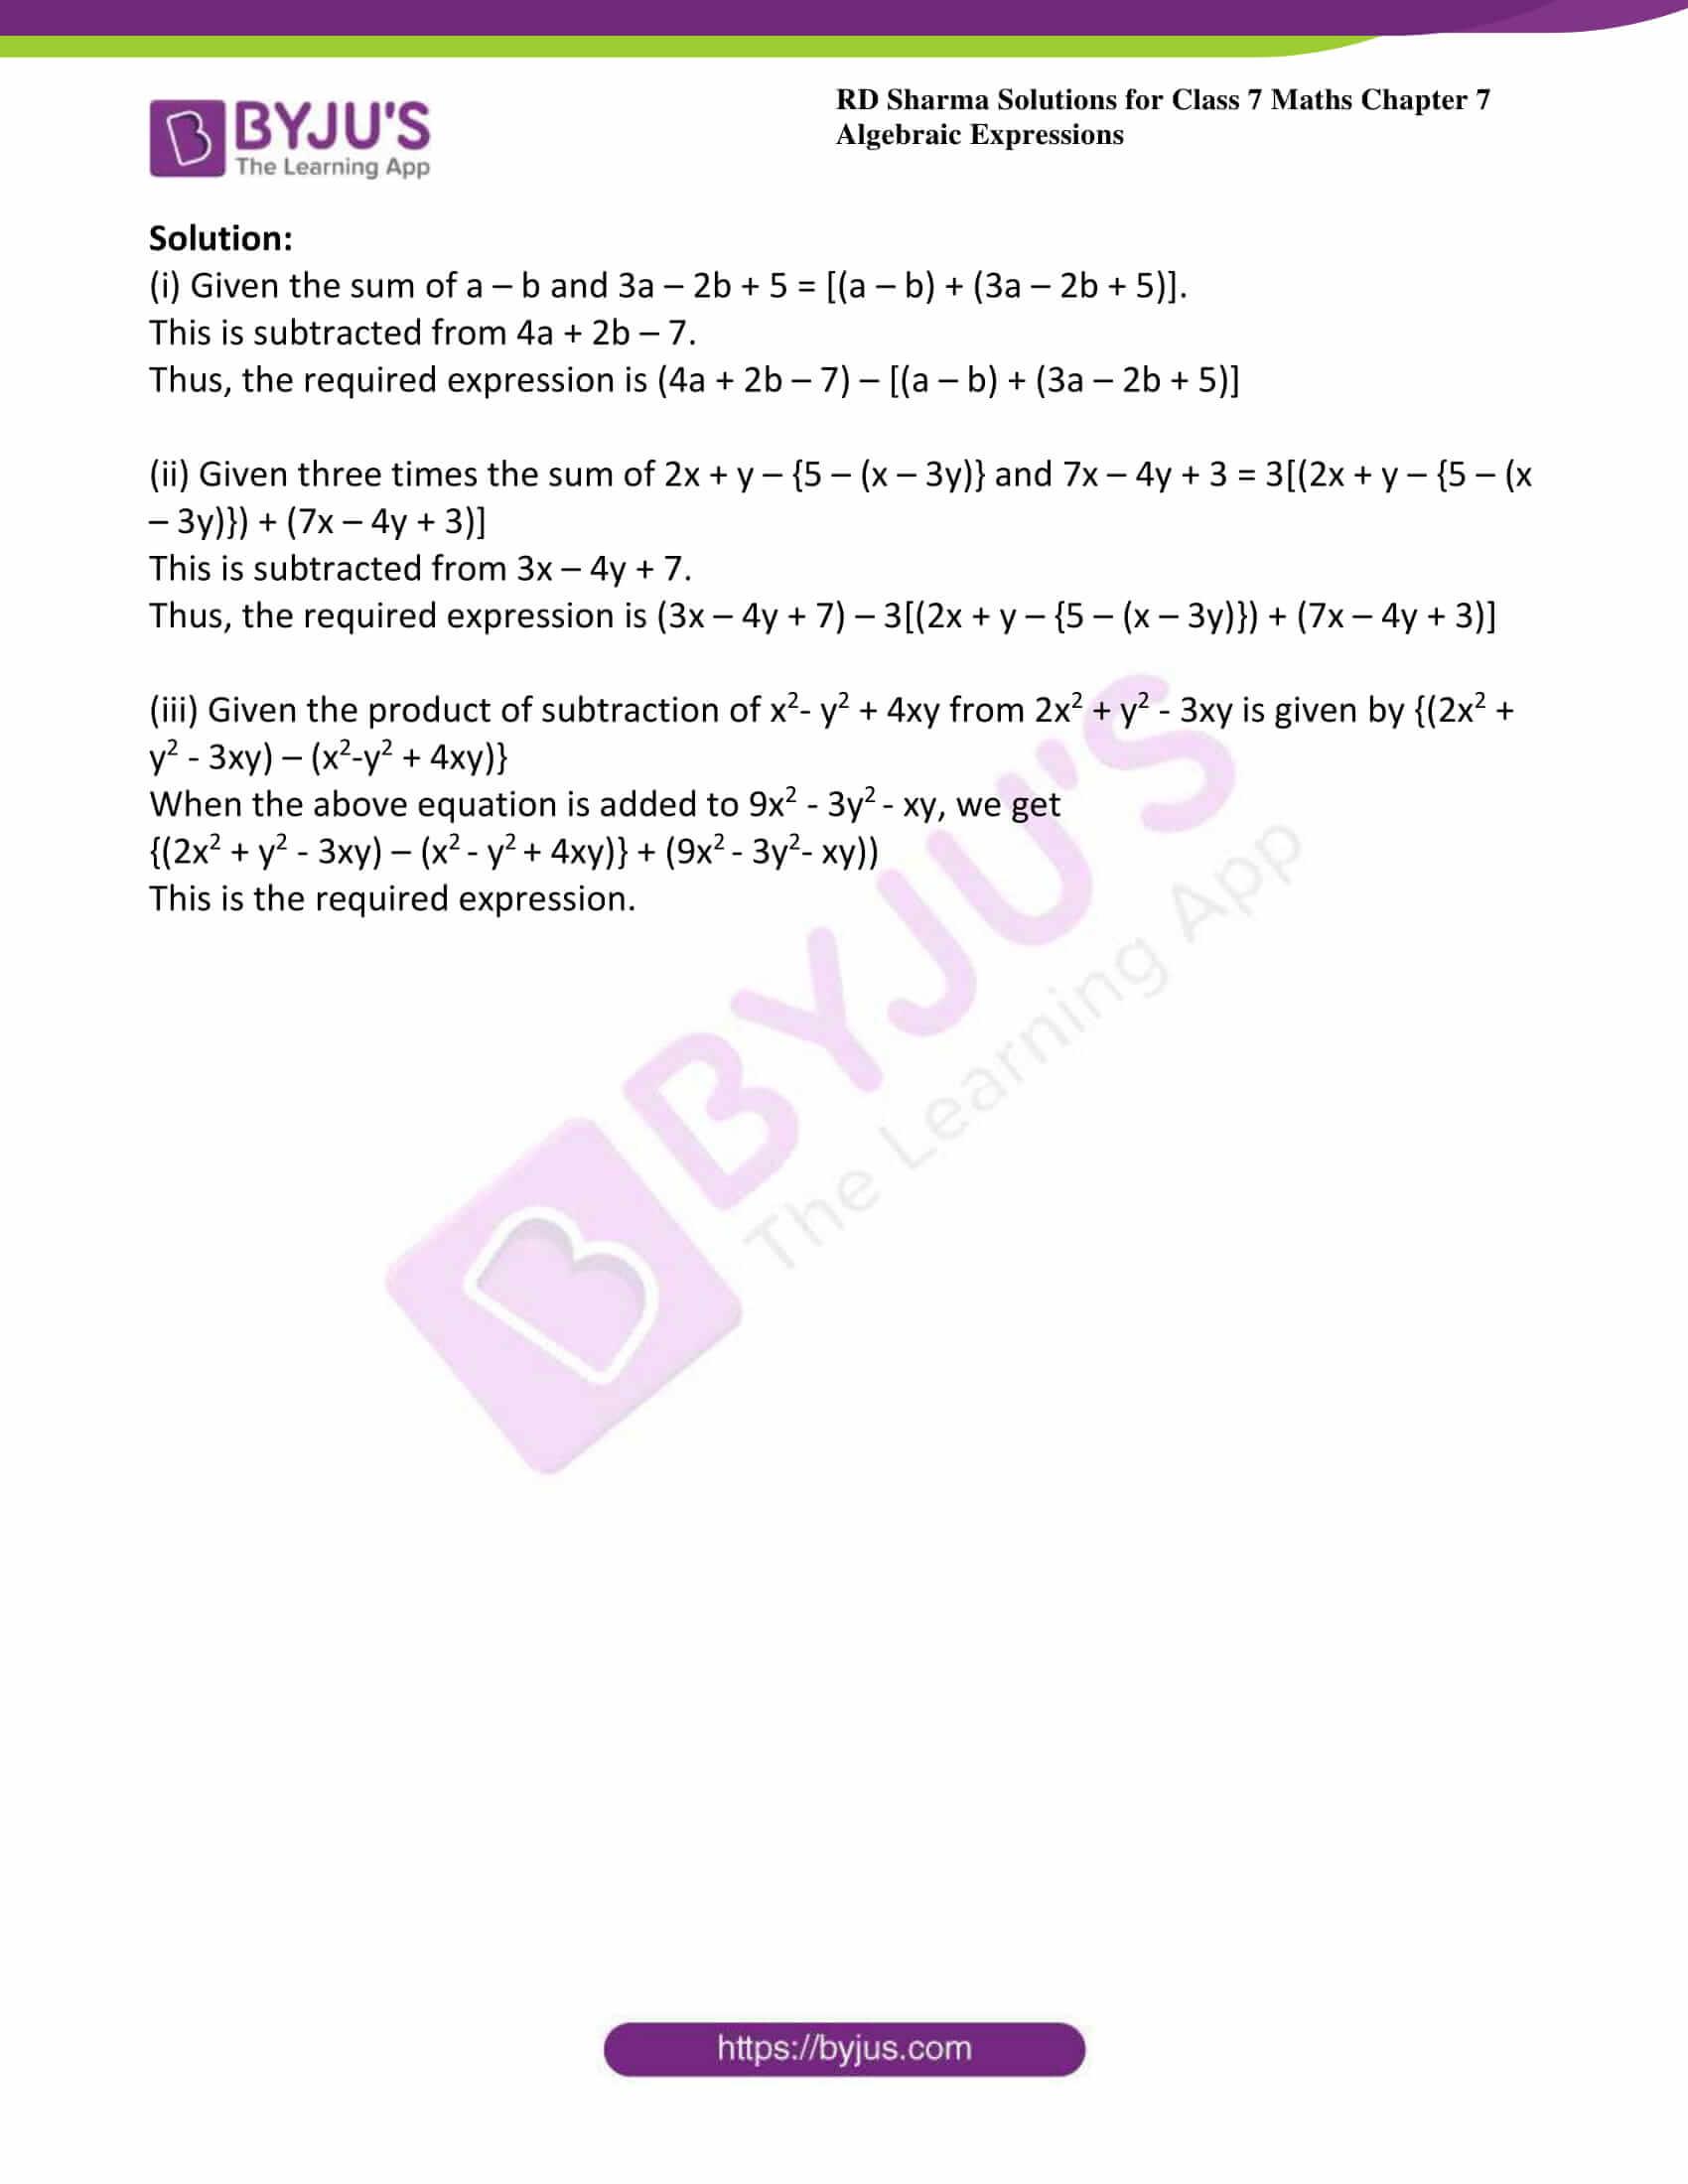 rd sharma class 7 maths solution chapter 7 ex 3